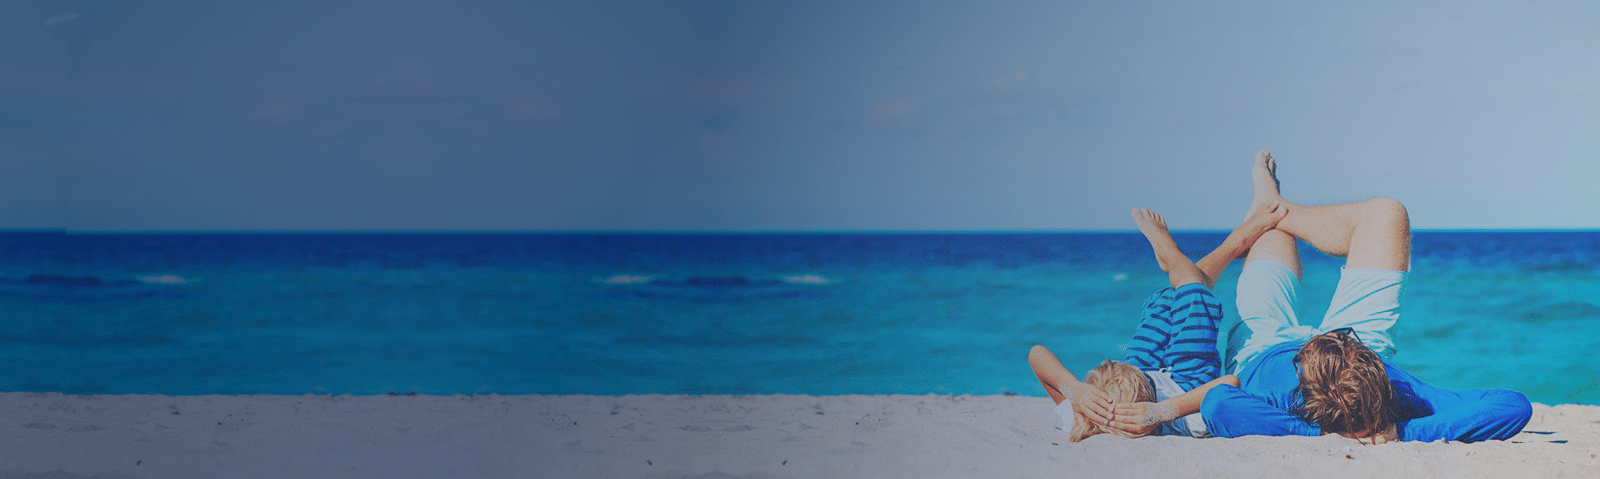 Code promo Go voyages pour des vols et hôtel